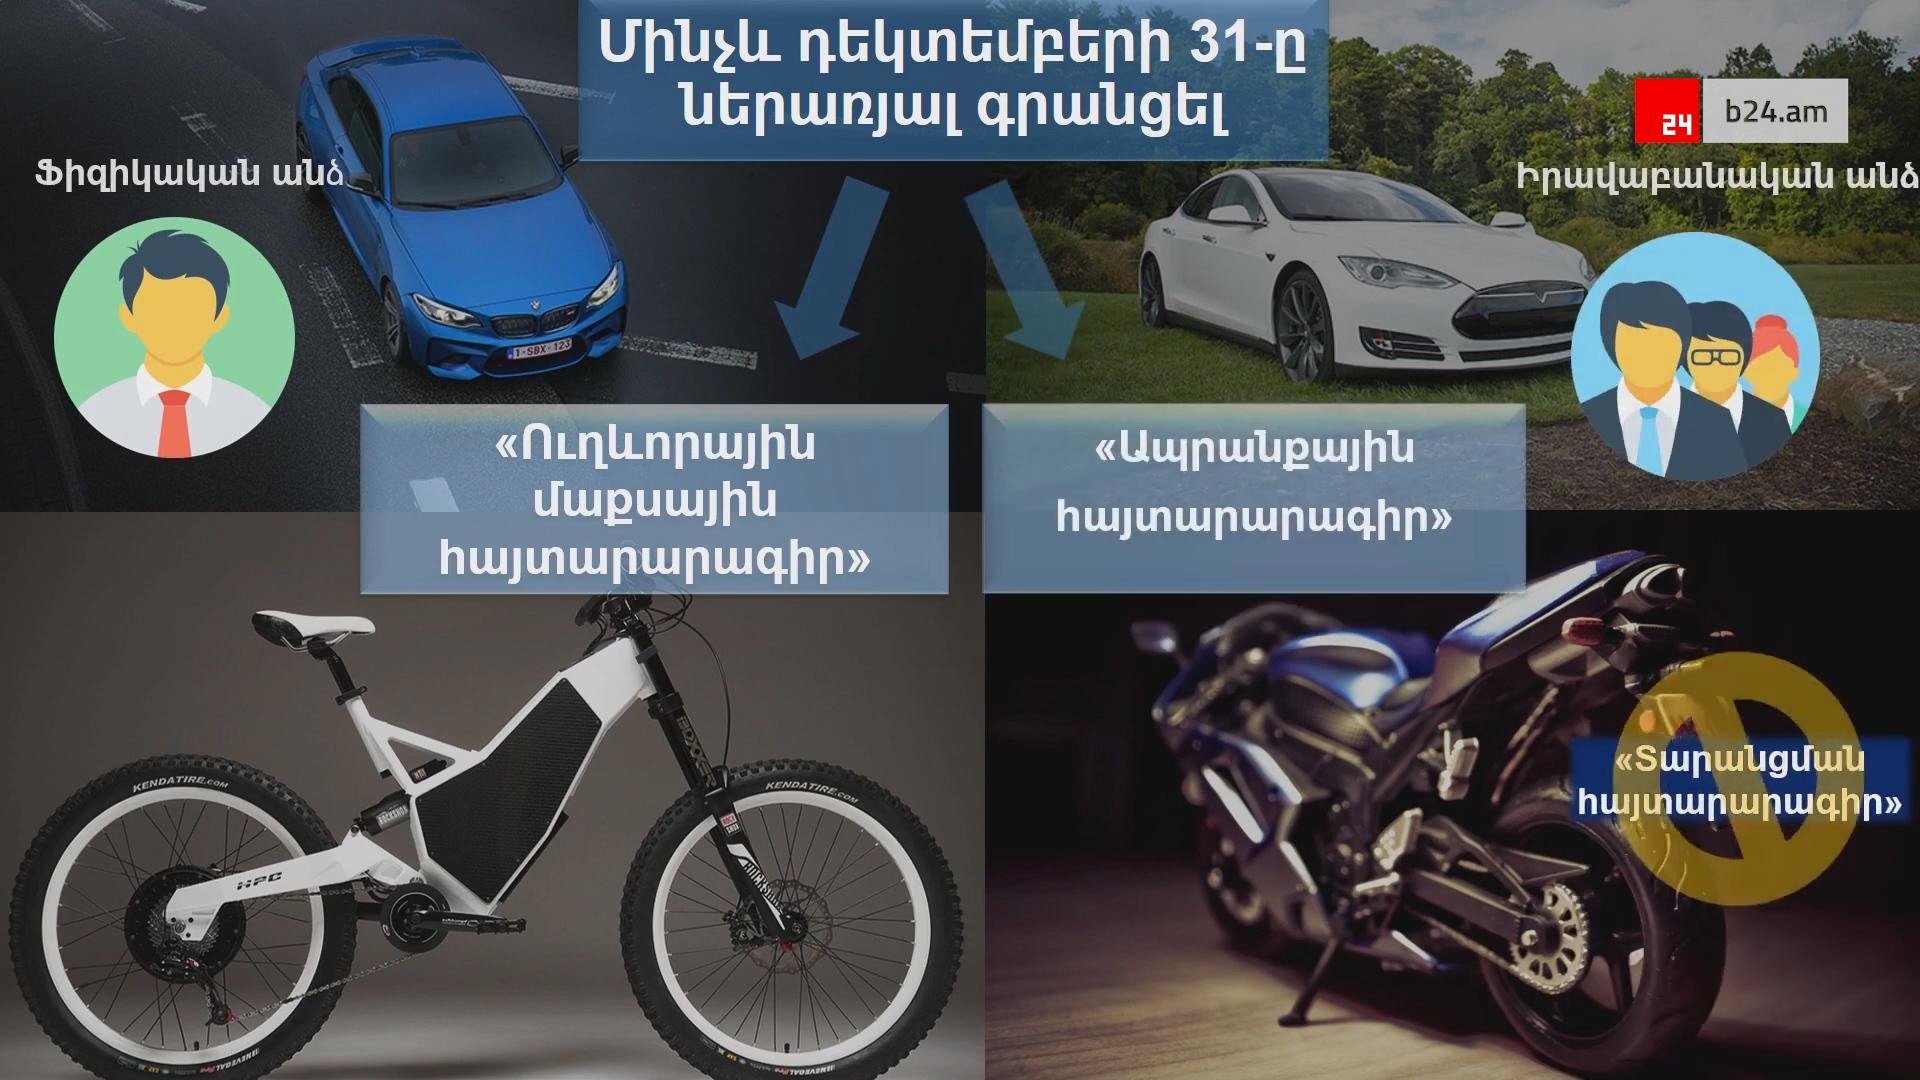 ՊԵԿ. Ի՞նչ պետք է իմանա բացառապես էլեկտրական շարժիչով ավտոմեքենա, մոտոցիկլետ և հեծանիվ ներմուծողը